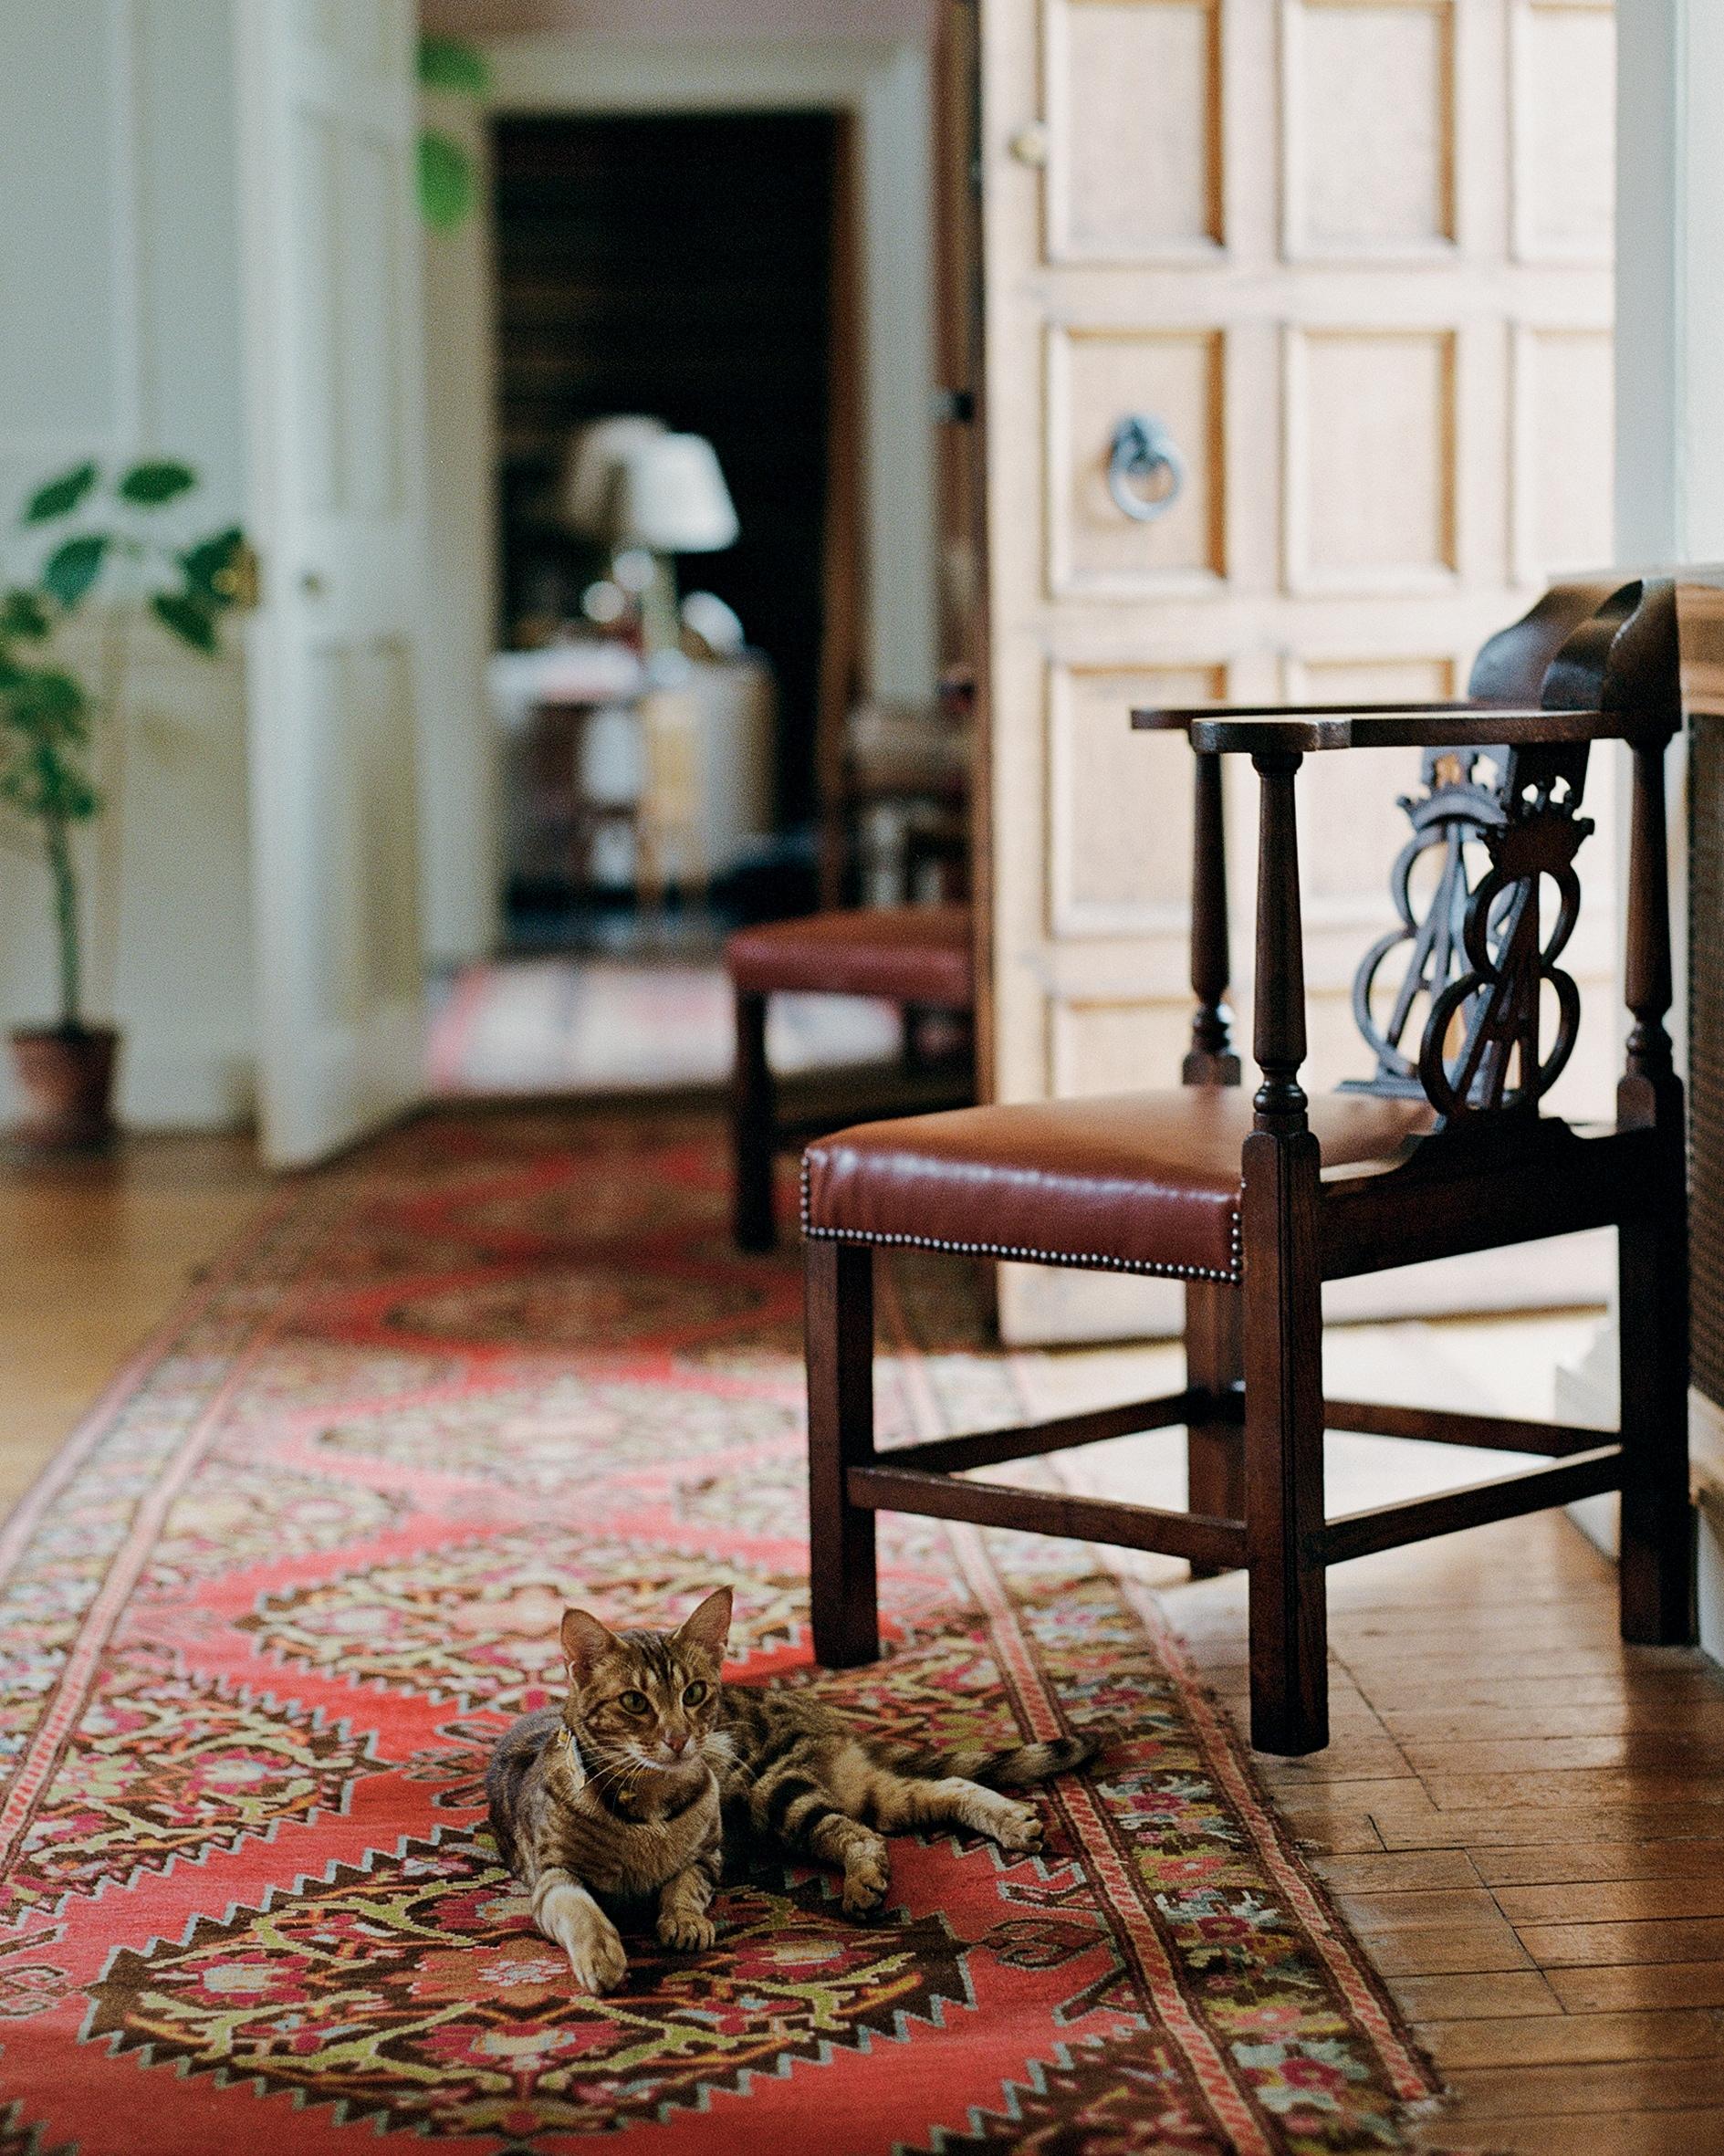 Il gatto dell'artista Tarka Kings, Lucia (dal nome della scrittrice Lucia Berlin), nel corridoio della sua casa, Airlie Castle, in Scozia.